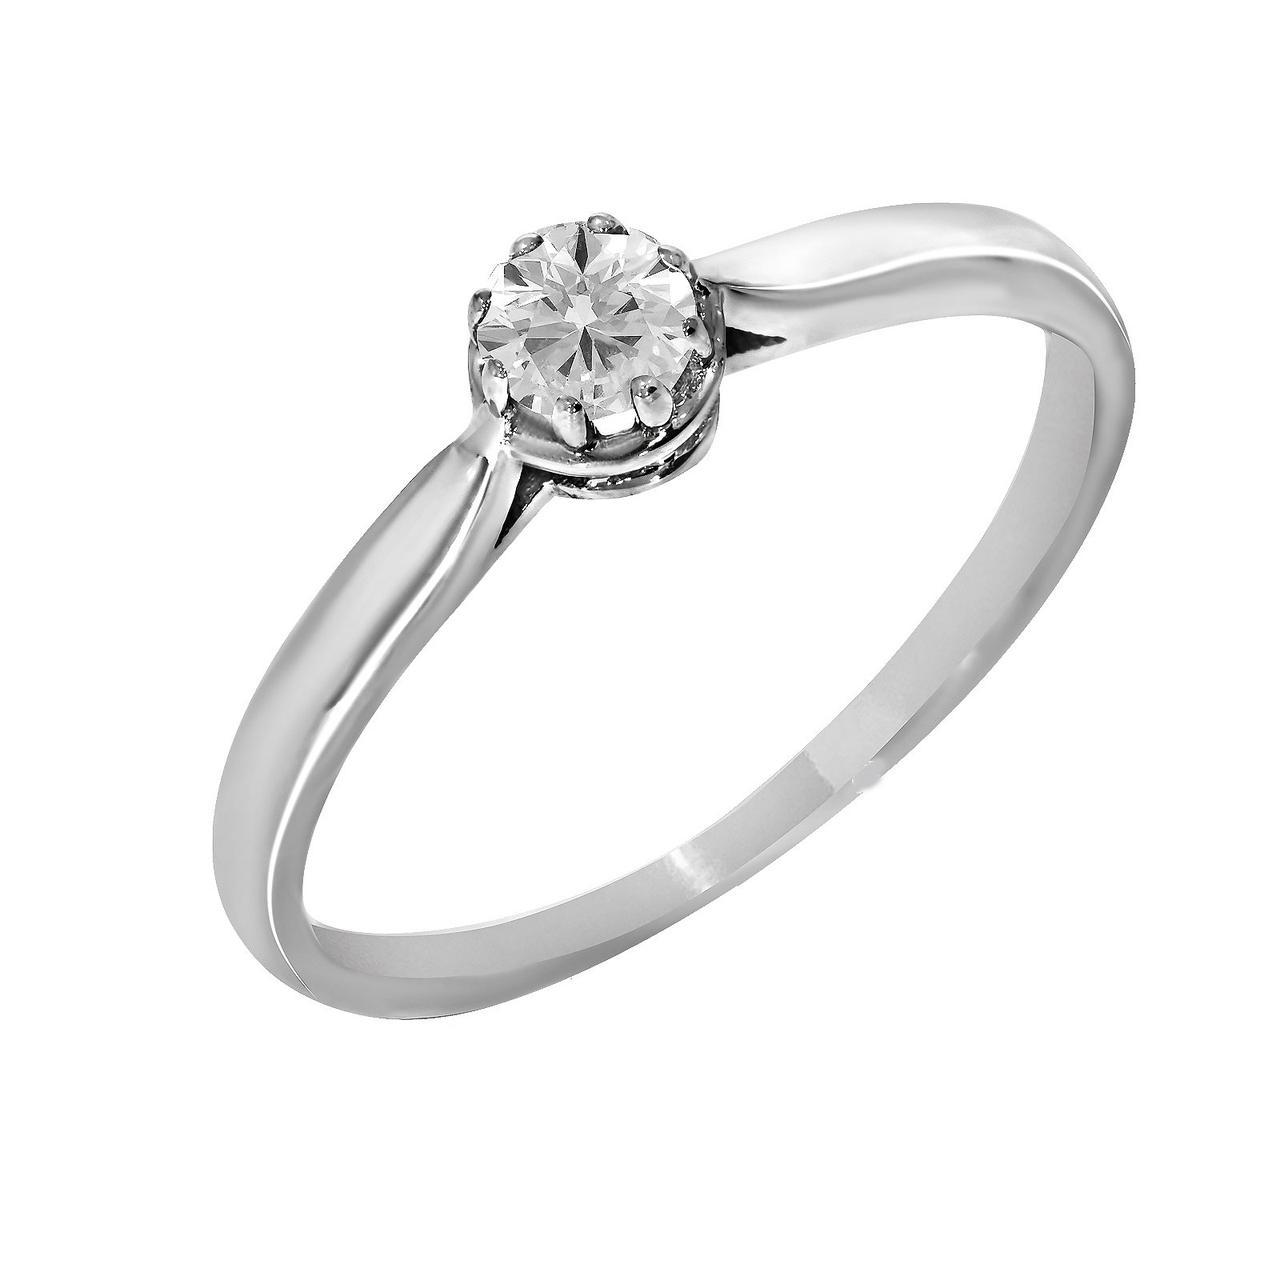 Золотое кольцо с бриллиантом, размер 17 (815861)